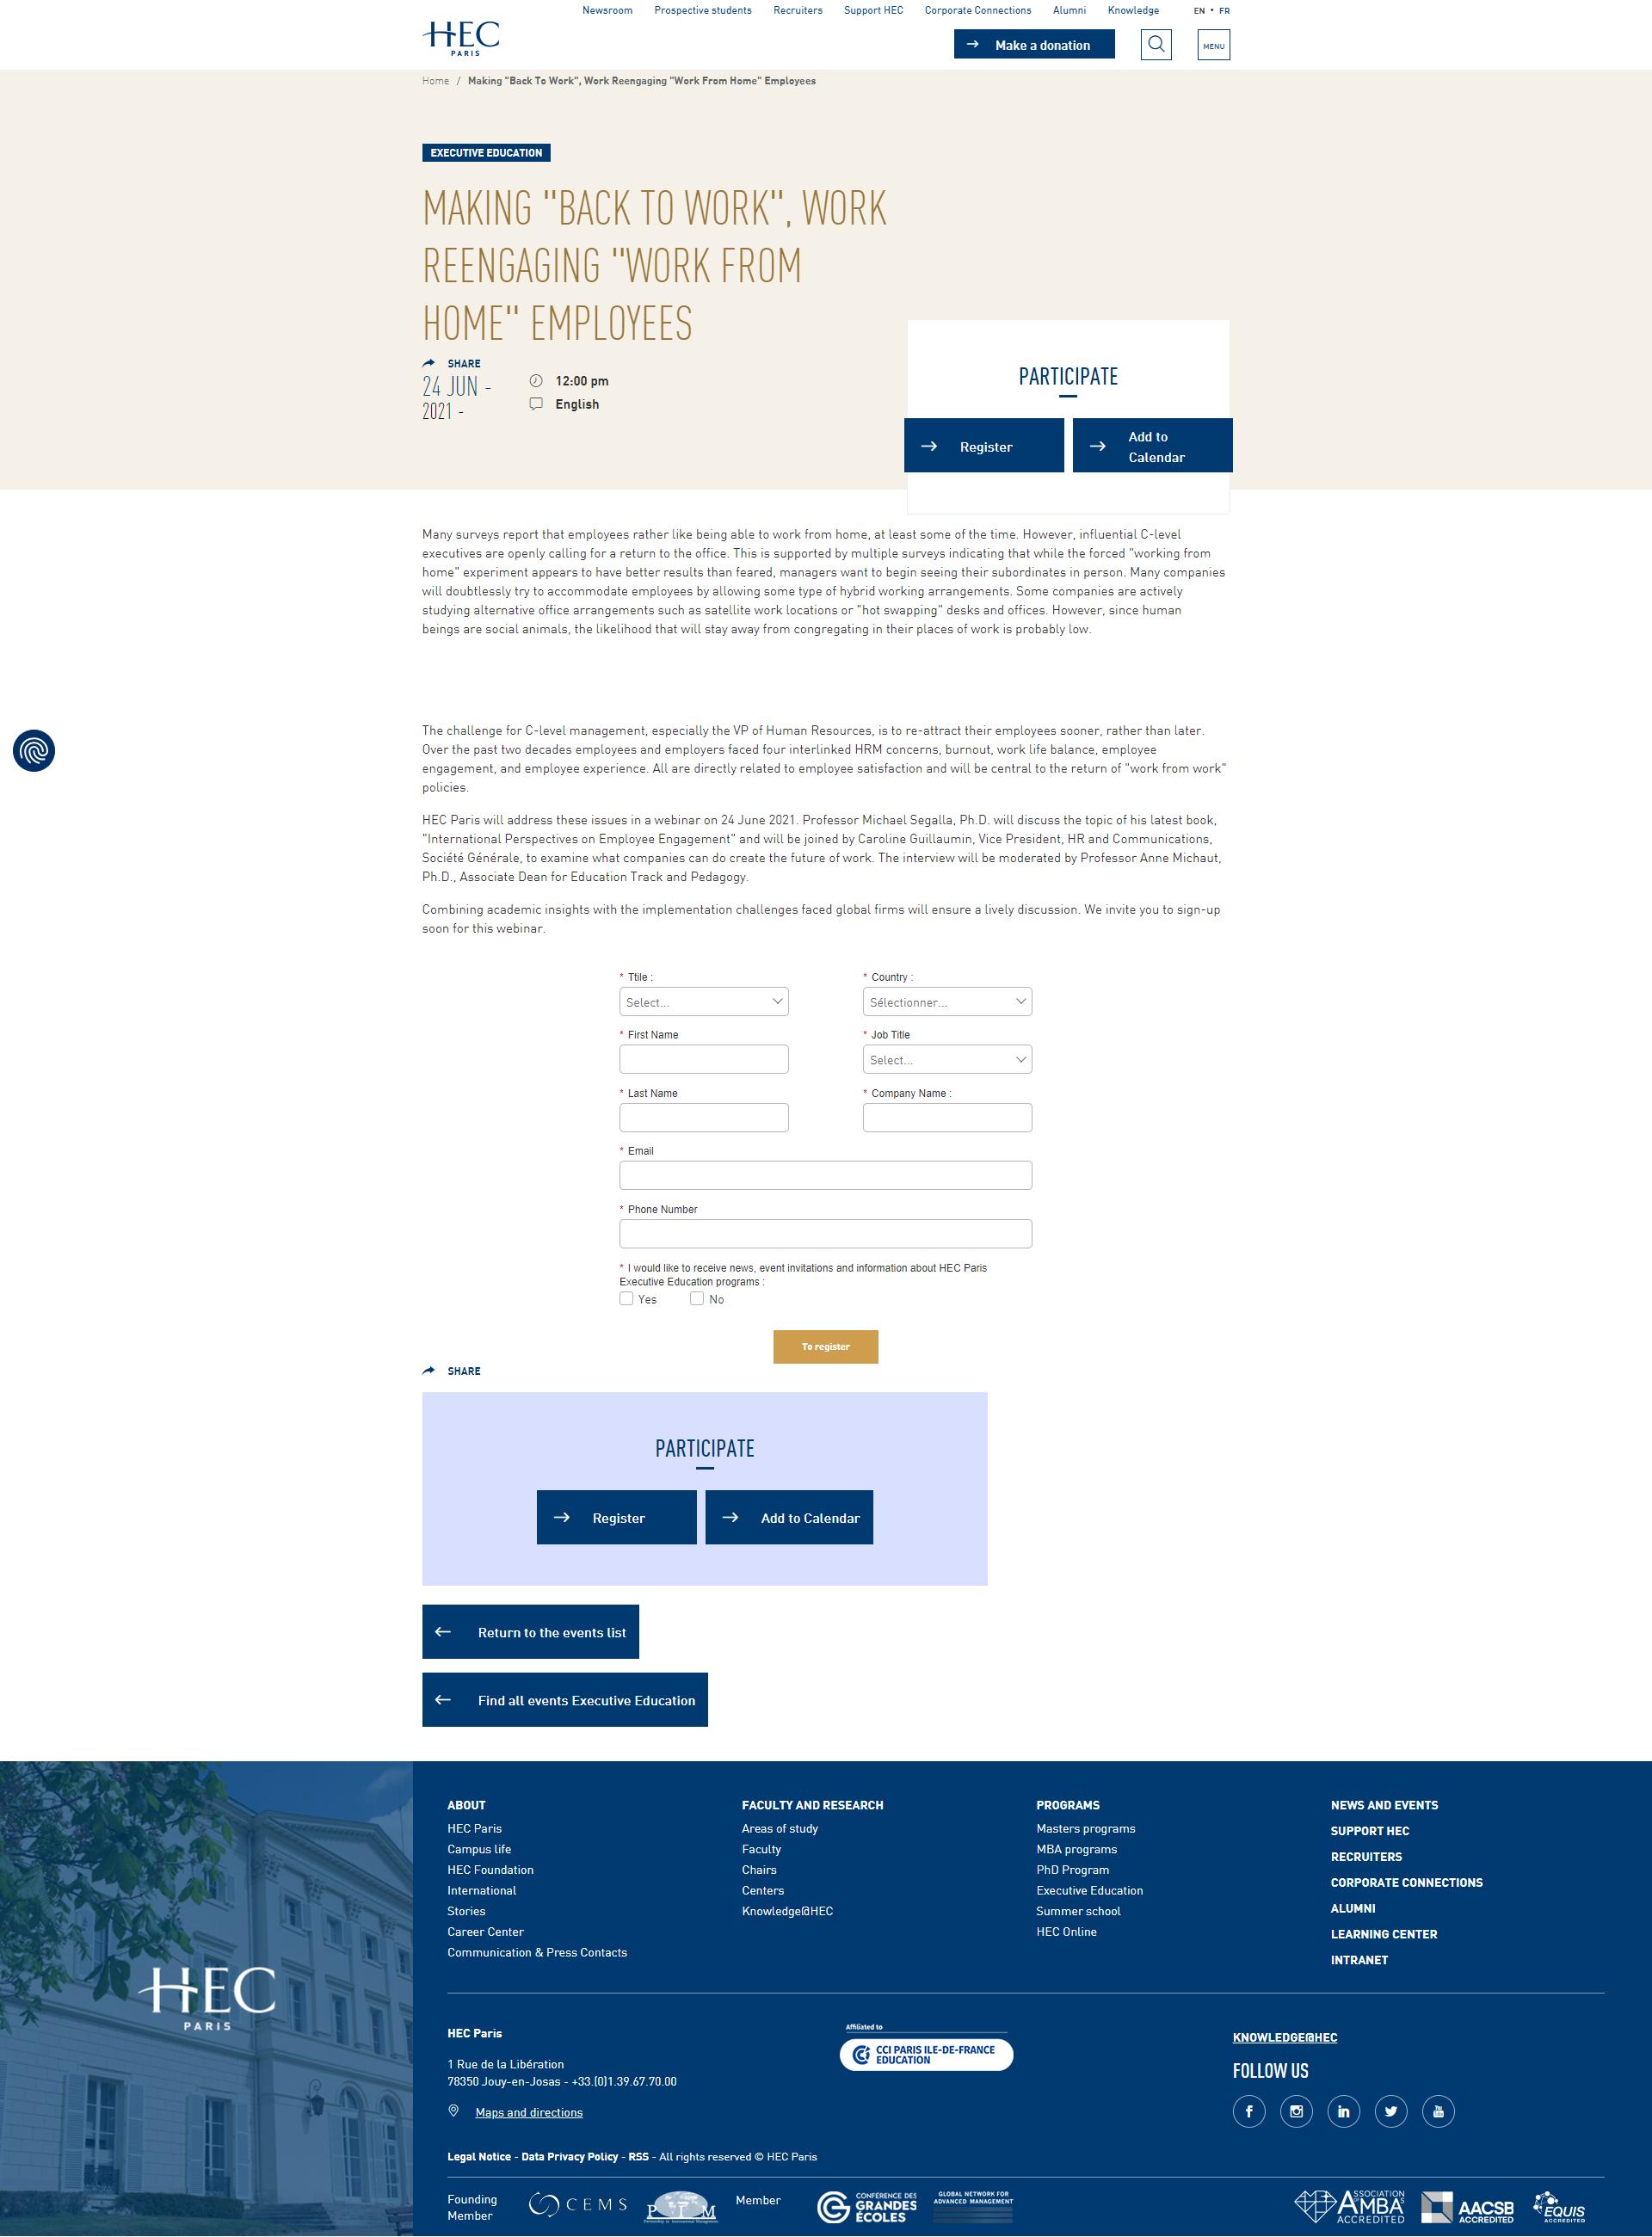 HEC Paris' Web page example